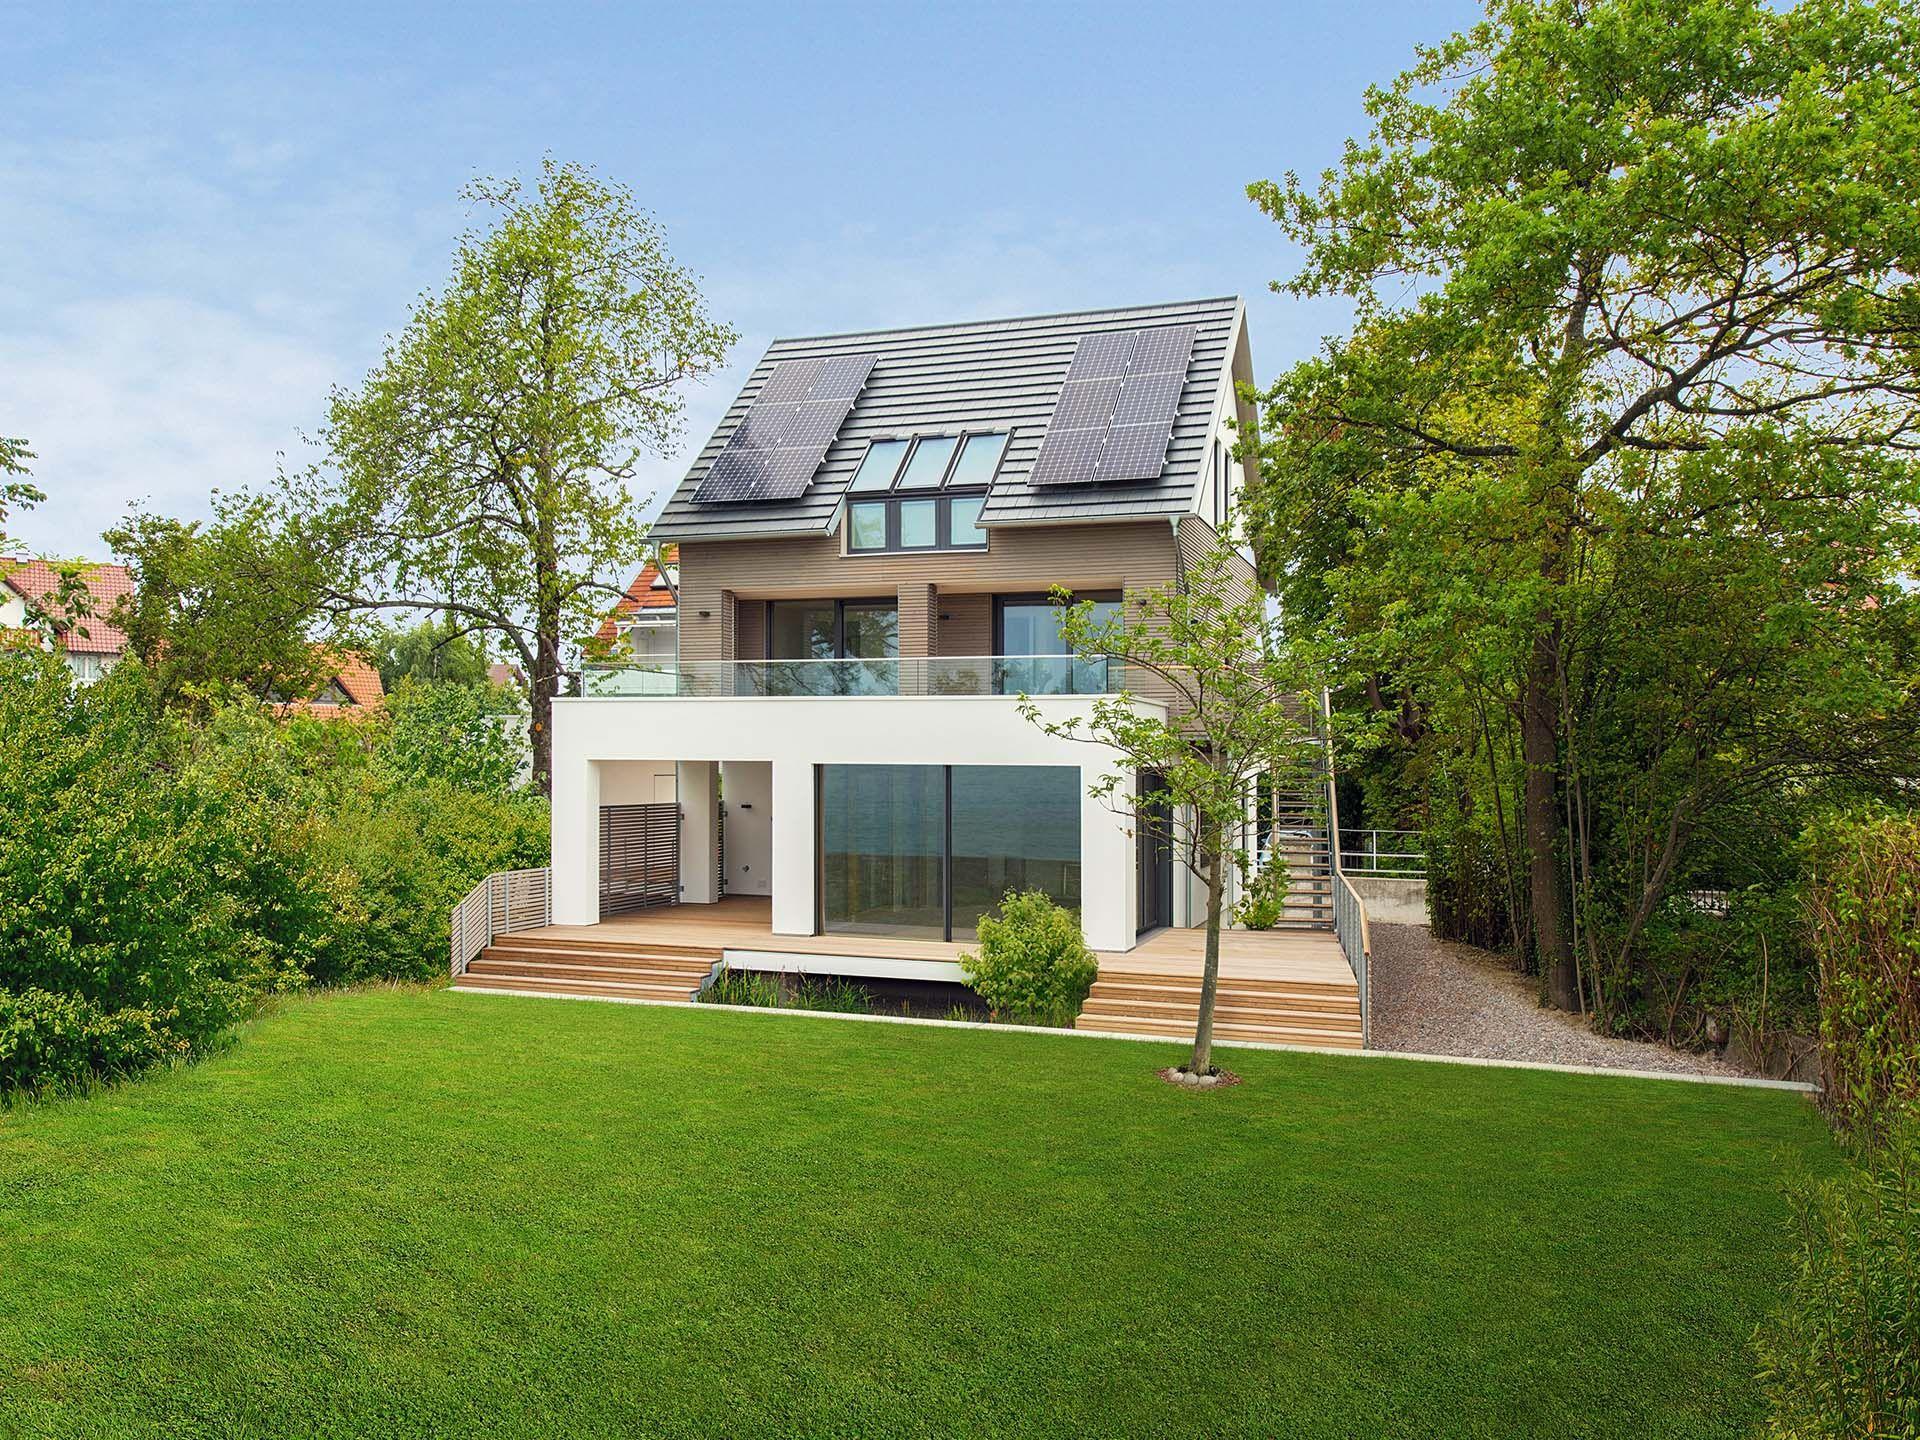 Musterhaus haus am see • holzhaus von baufritz • energieeffizientes zwei personen haus mit bungalowterrace